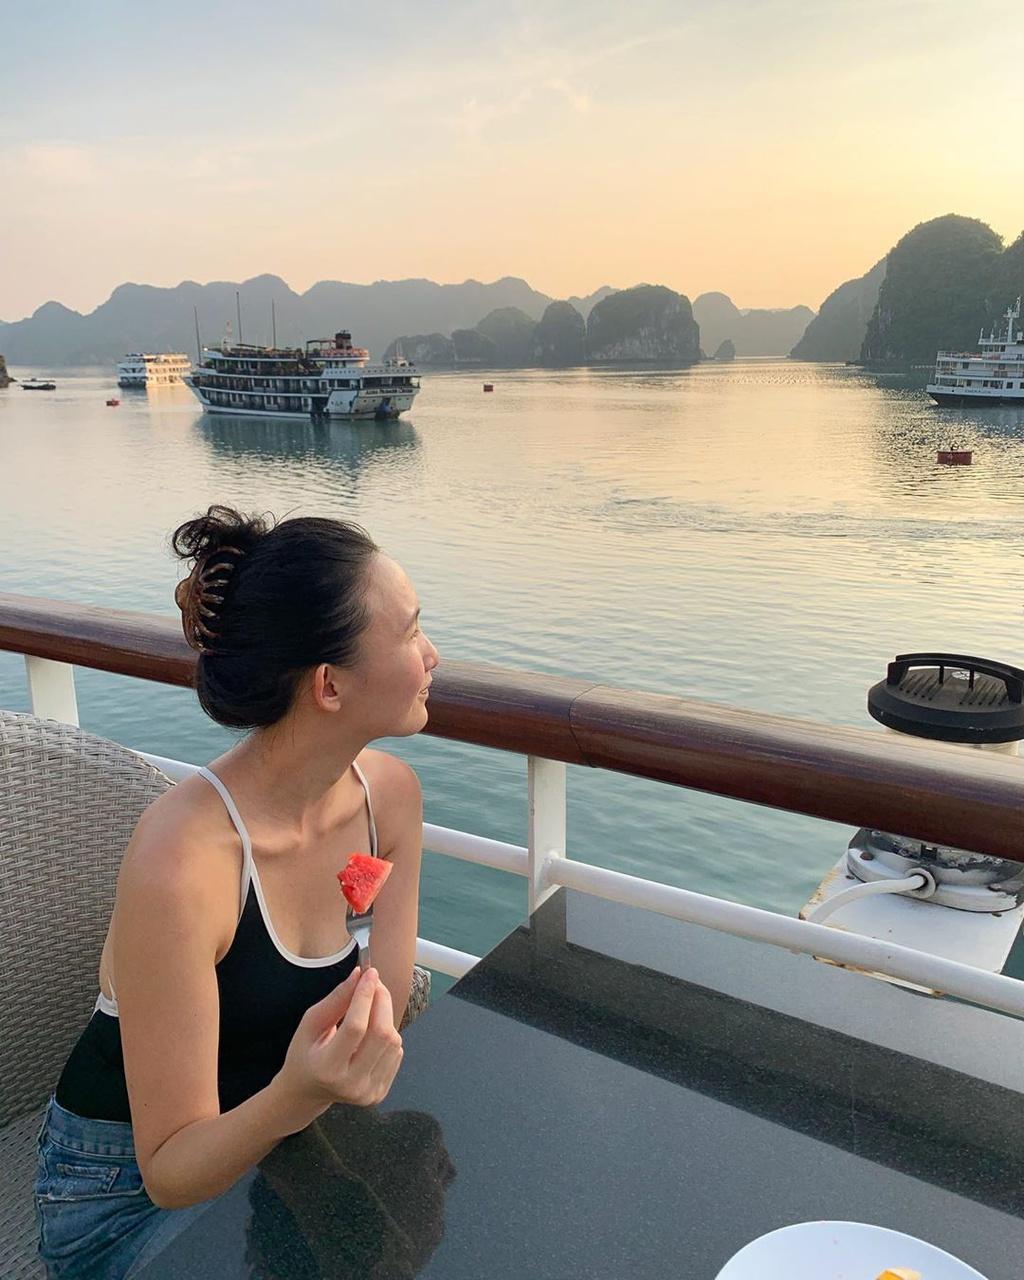 3 chốn nghỉ dưỡng sang trọng tránh nóng ngắn ngày gần Hà Nội